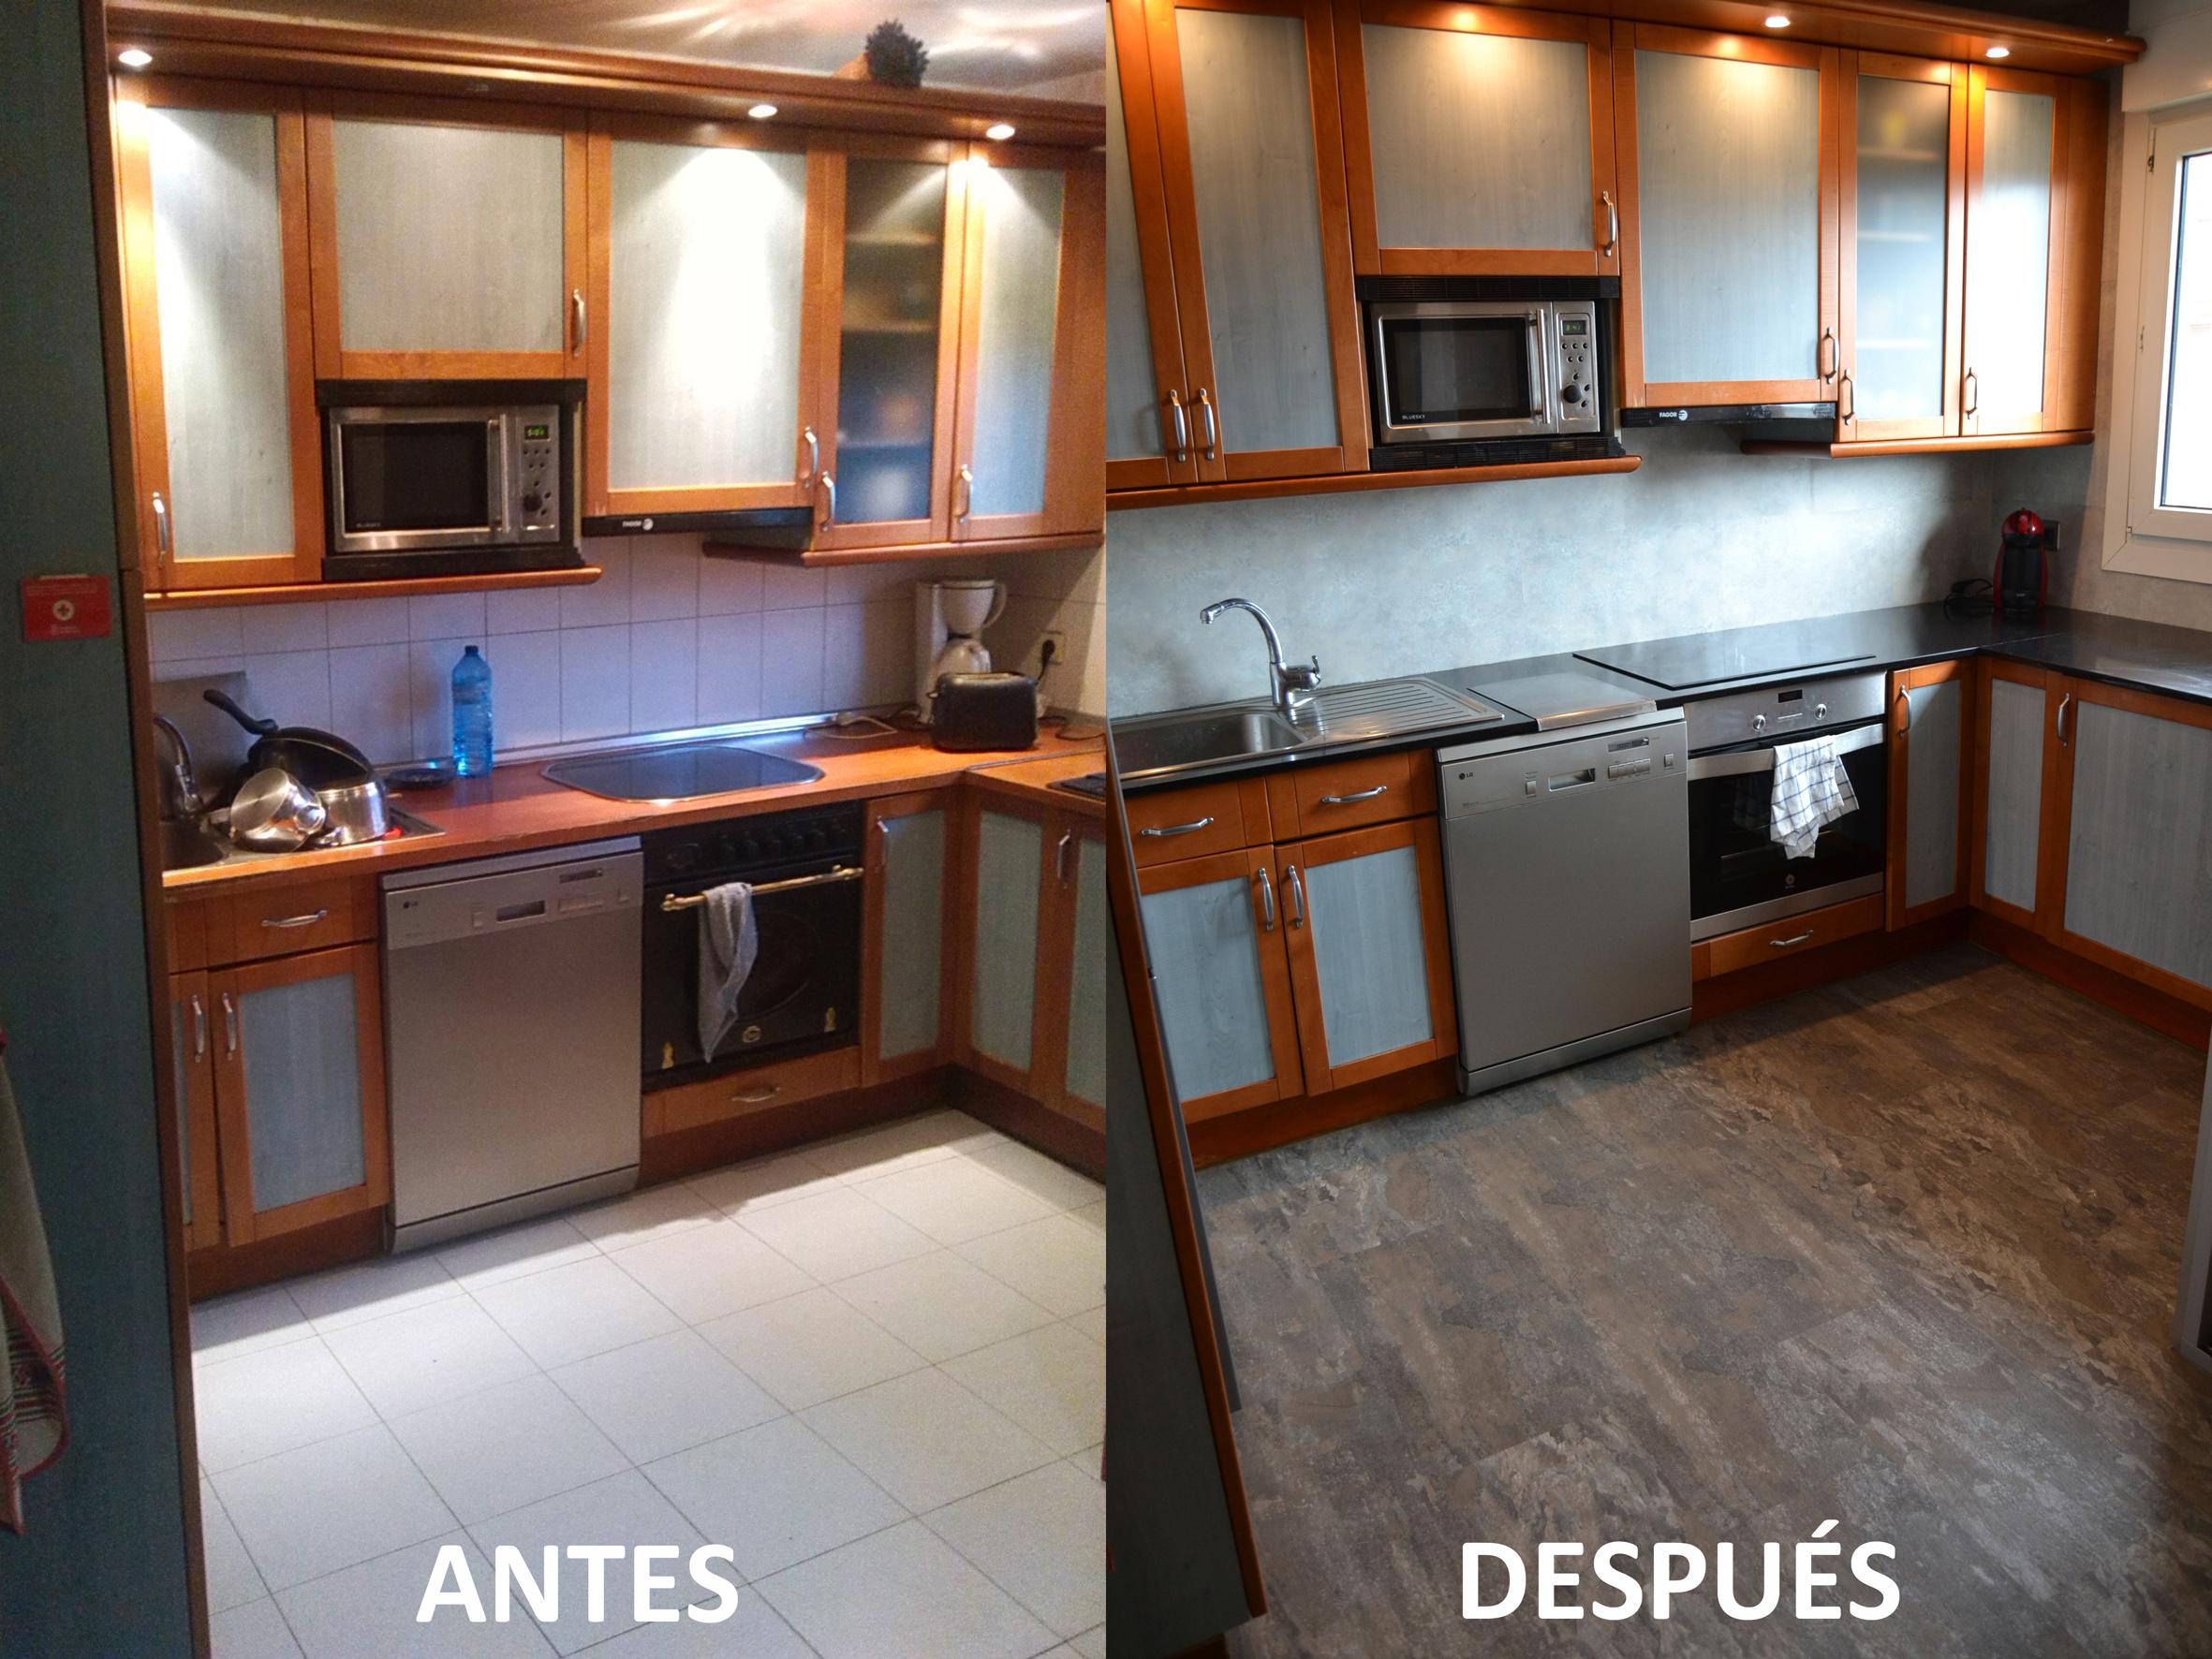 Tsn tecnisuelos suelos y paredes vinilicos for Cocinas antes y despues